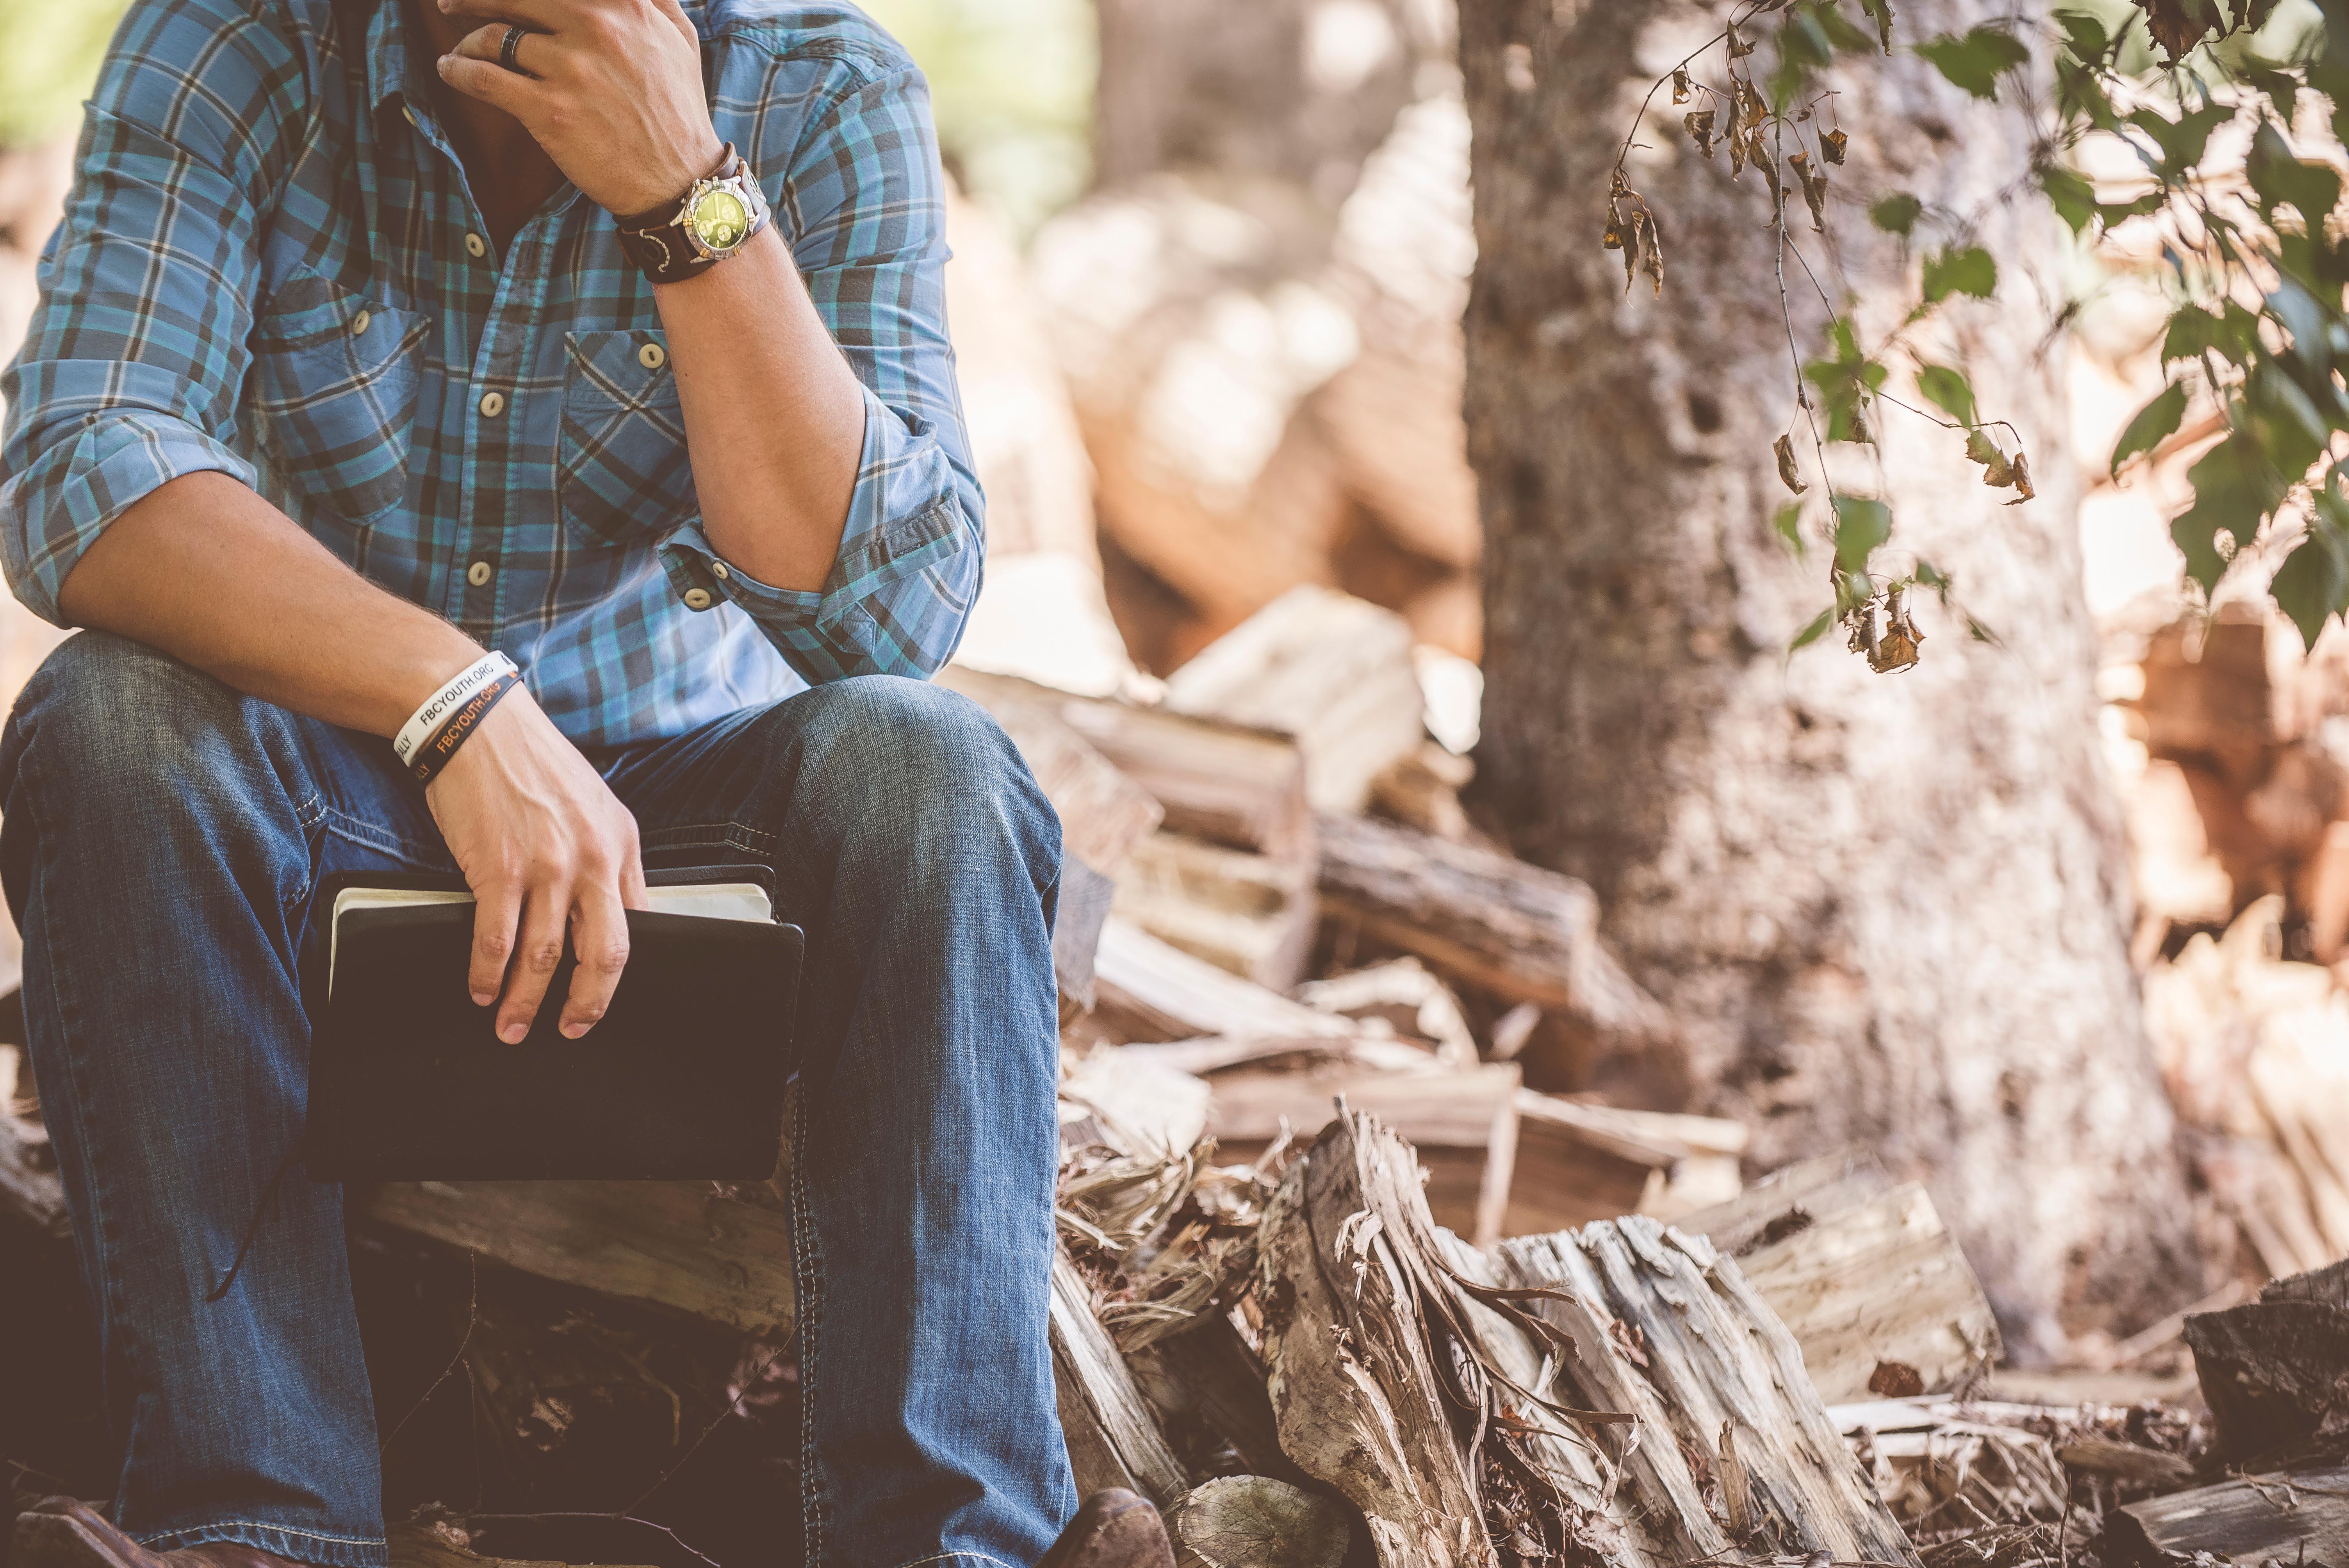 man on wood pile